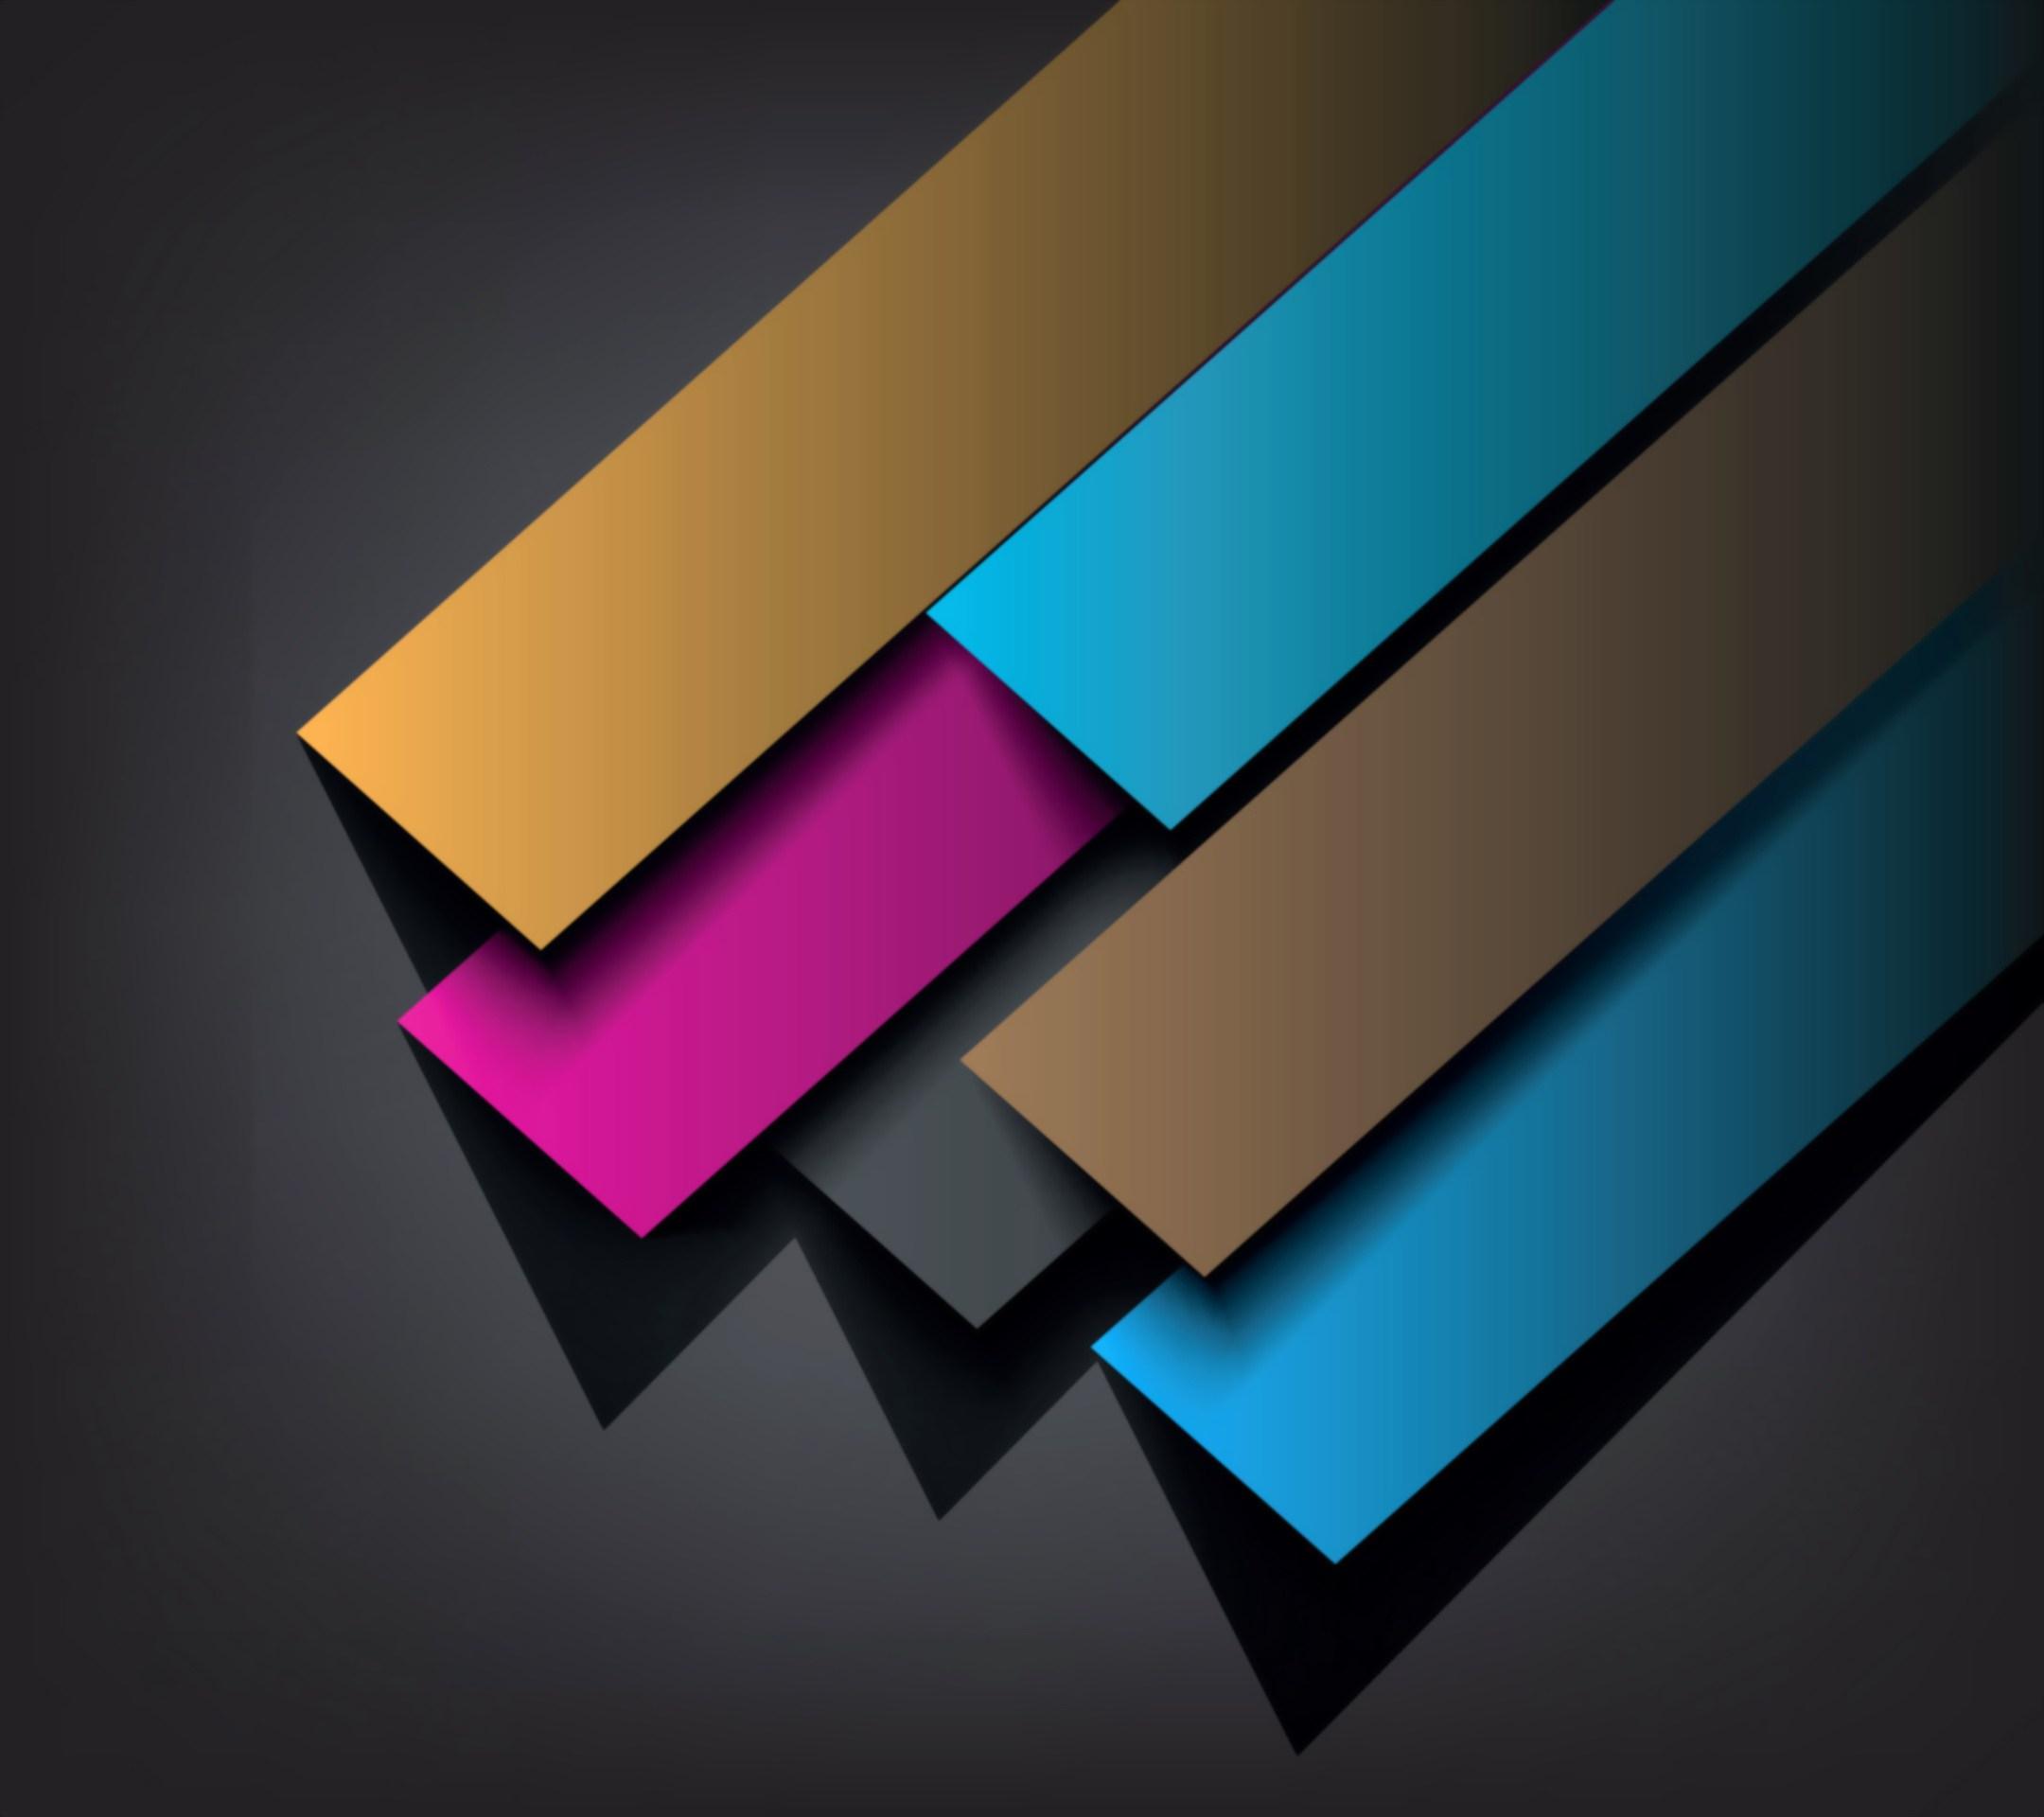 [43+] Desktop Nexus Abstract Wallpapers On WallpaperSafari